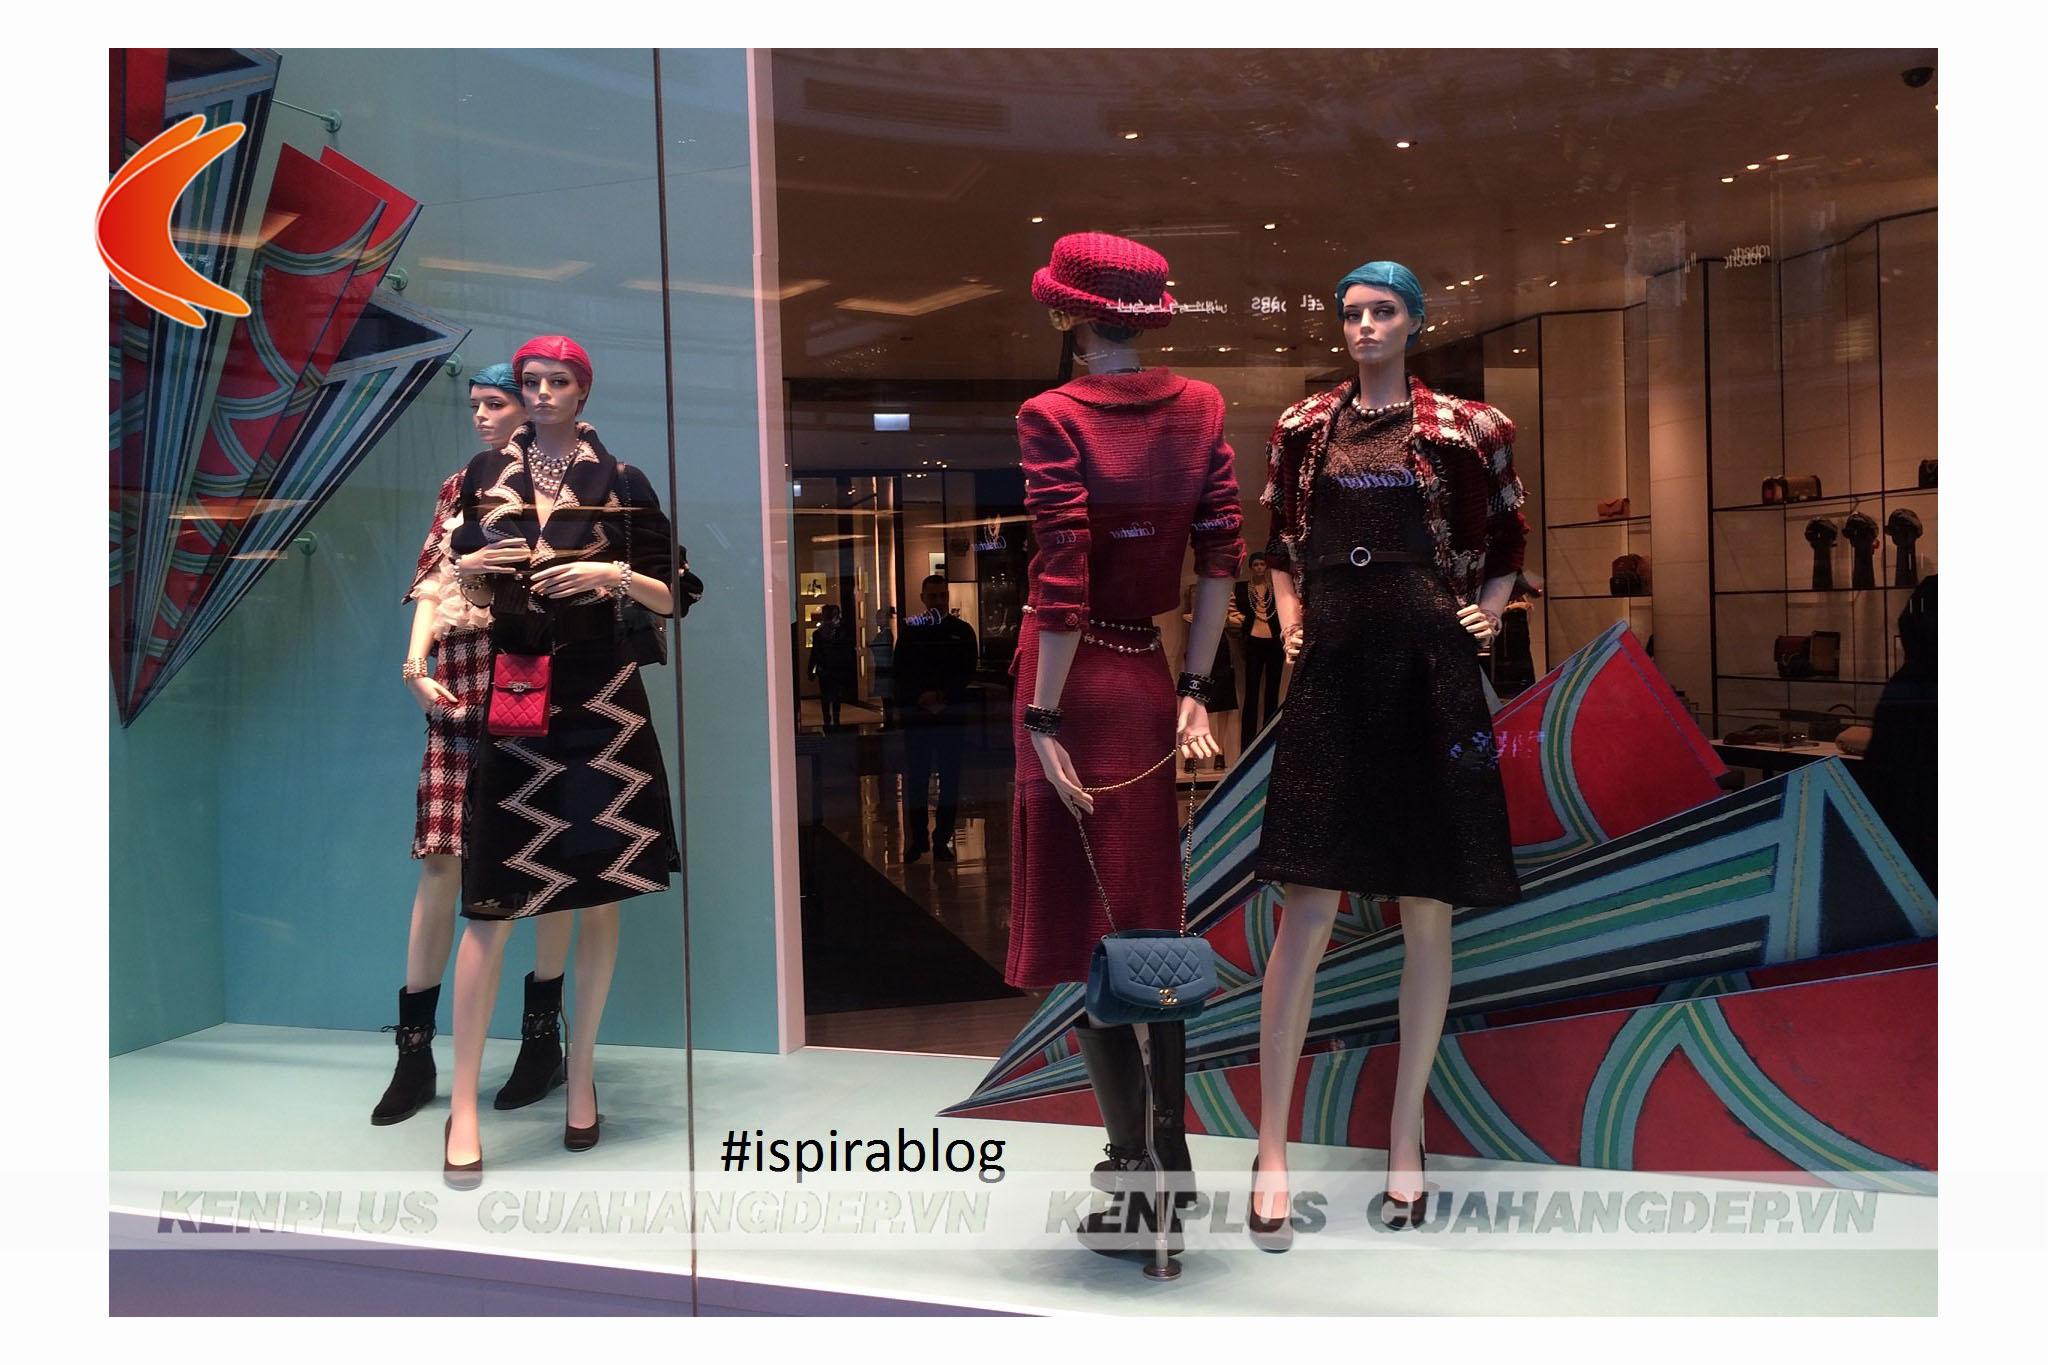 Window display mang đặc trưng bộ sưu tập